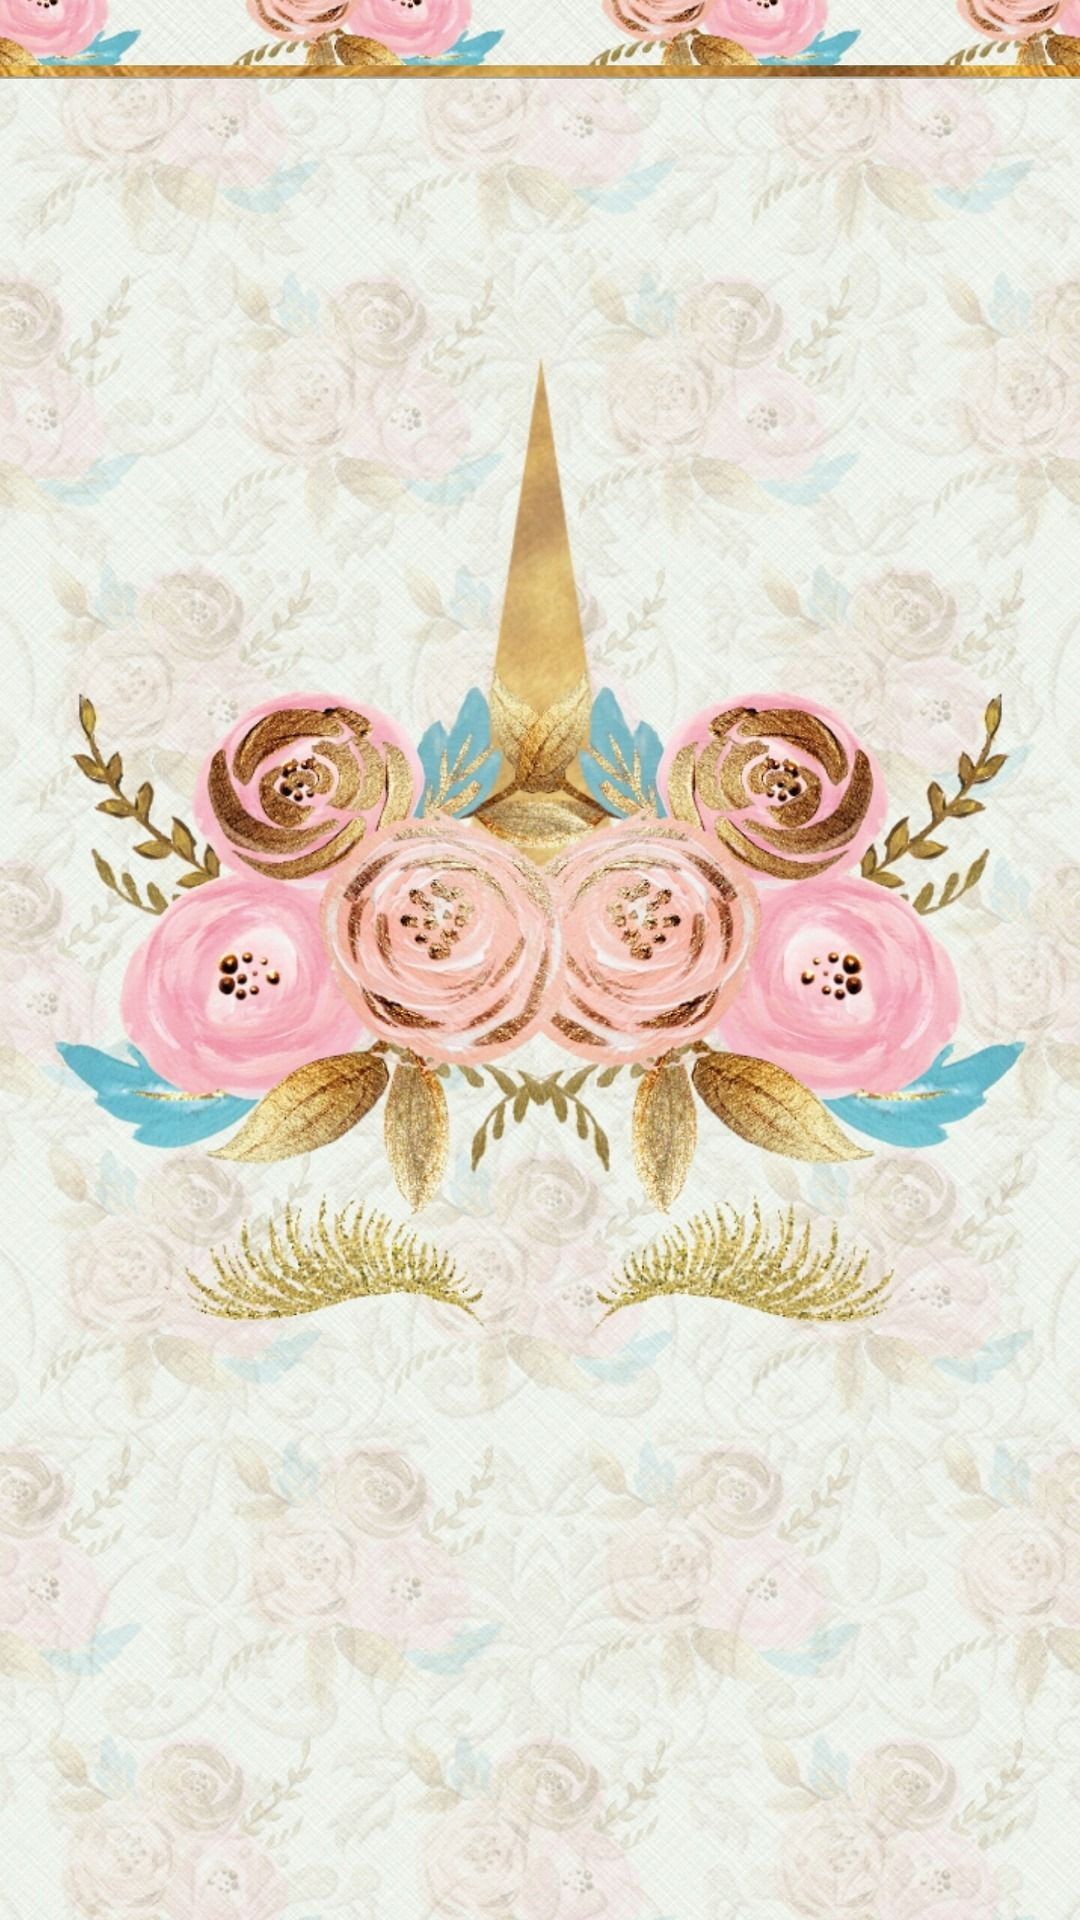 Wallpapers Pink Unicorn Wallpaper Gold Unicorn Wallpaper Iphone Wallpaper Unicorn